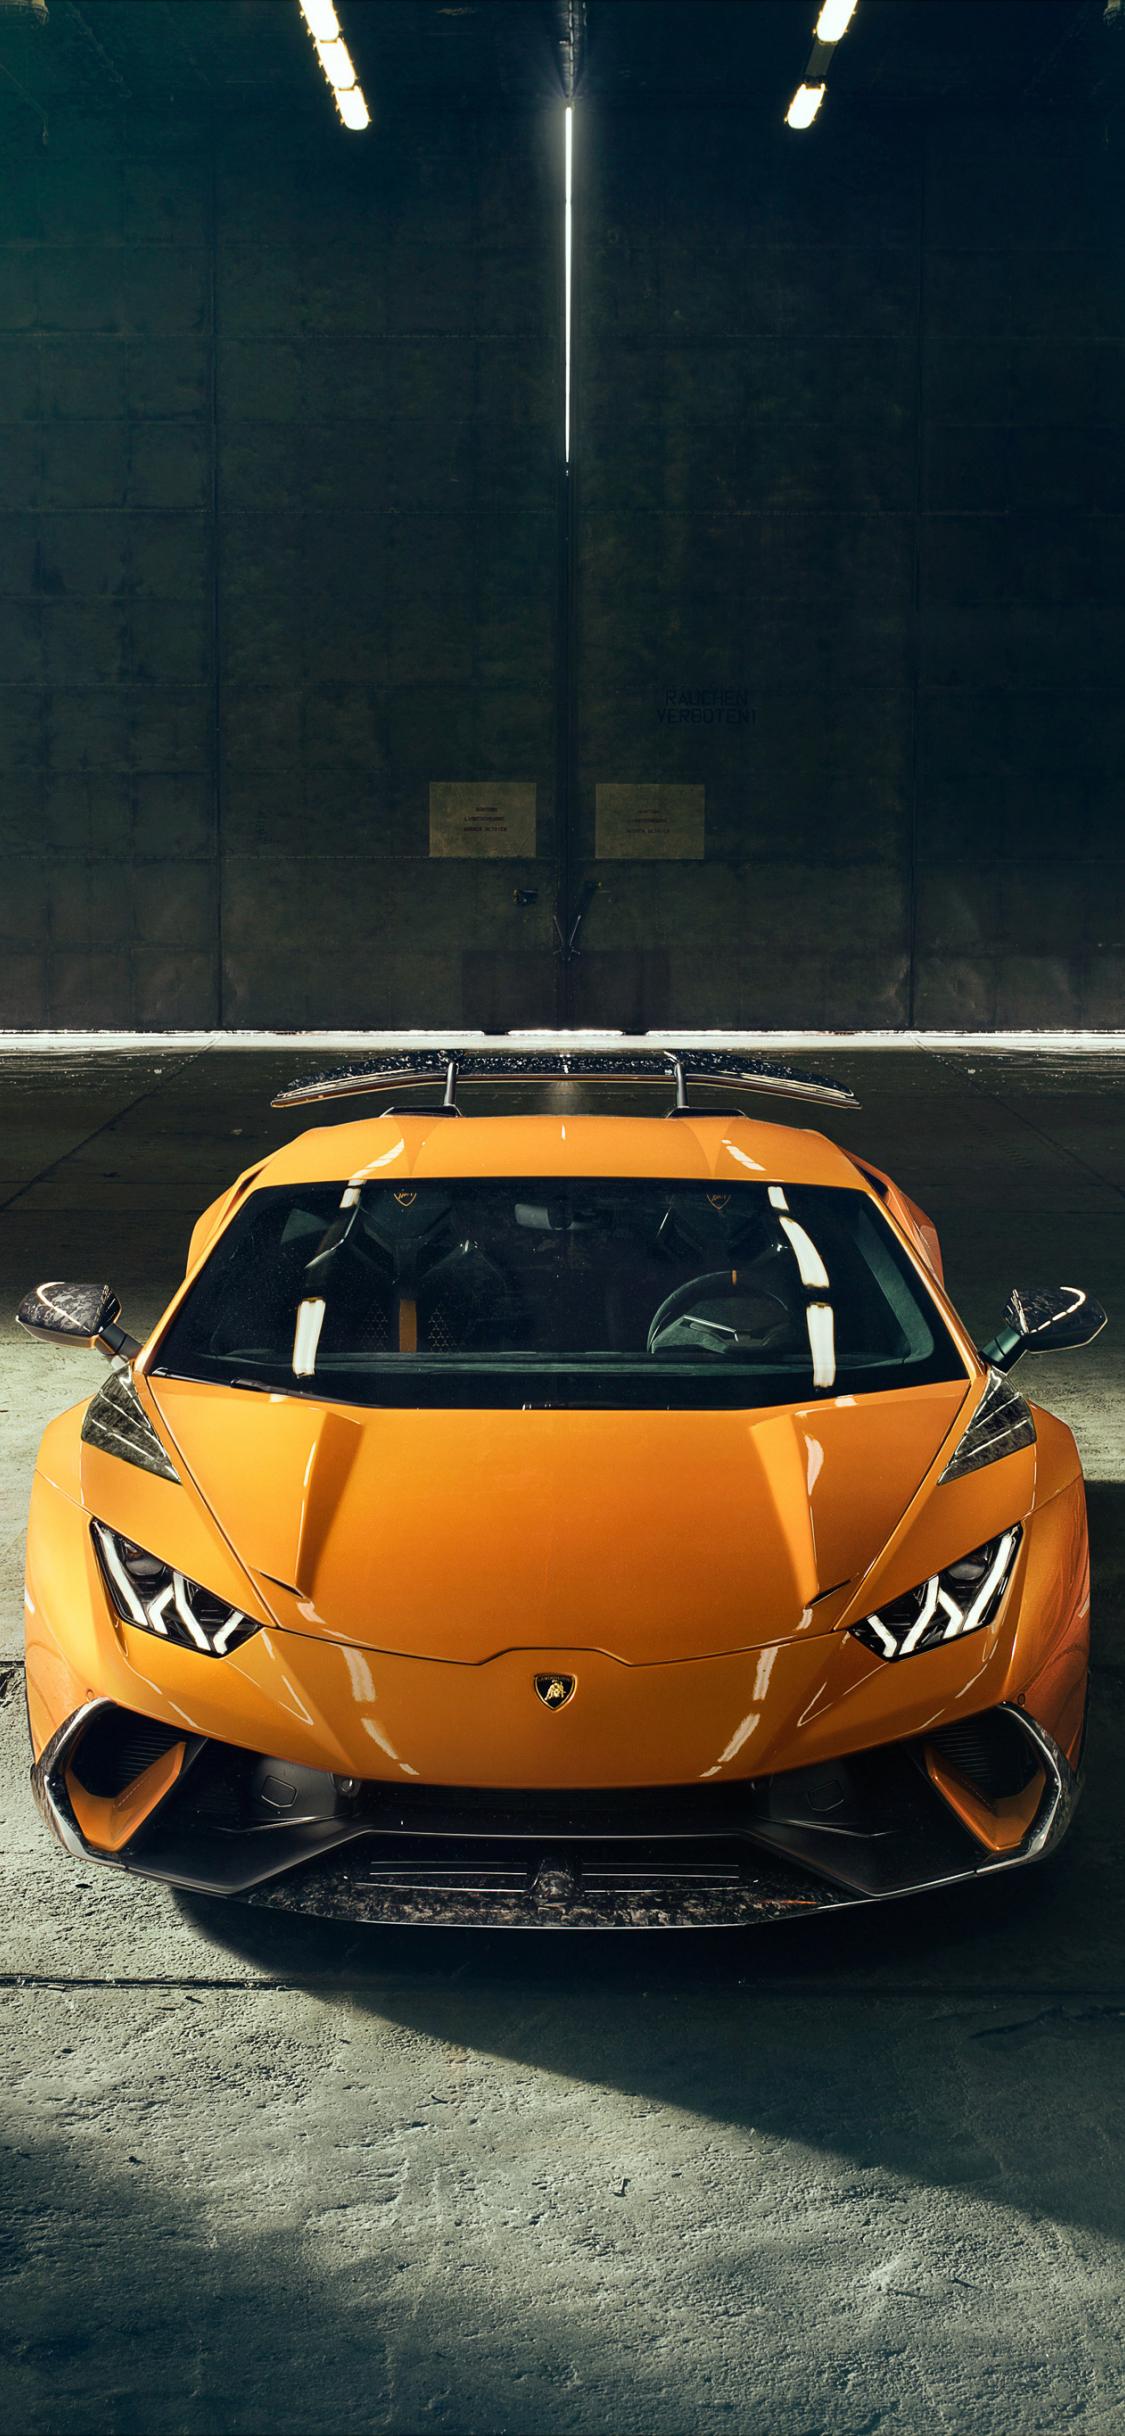 Lamborghini Huracan Wallpaper 4k Iphone